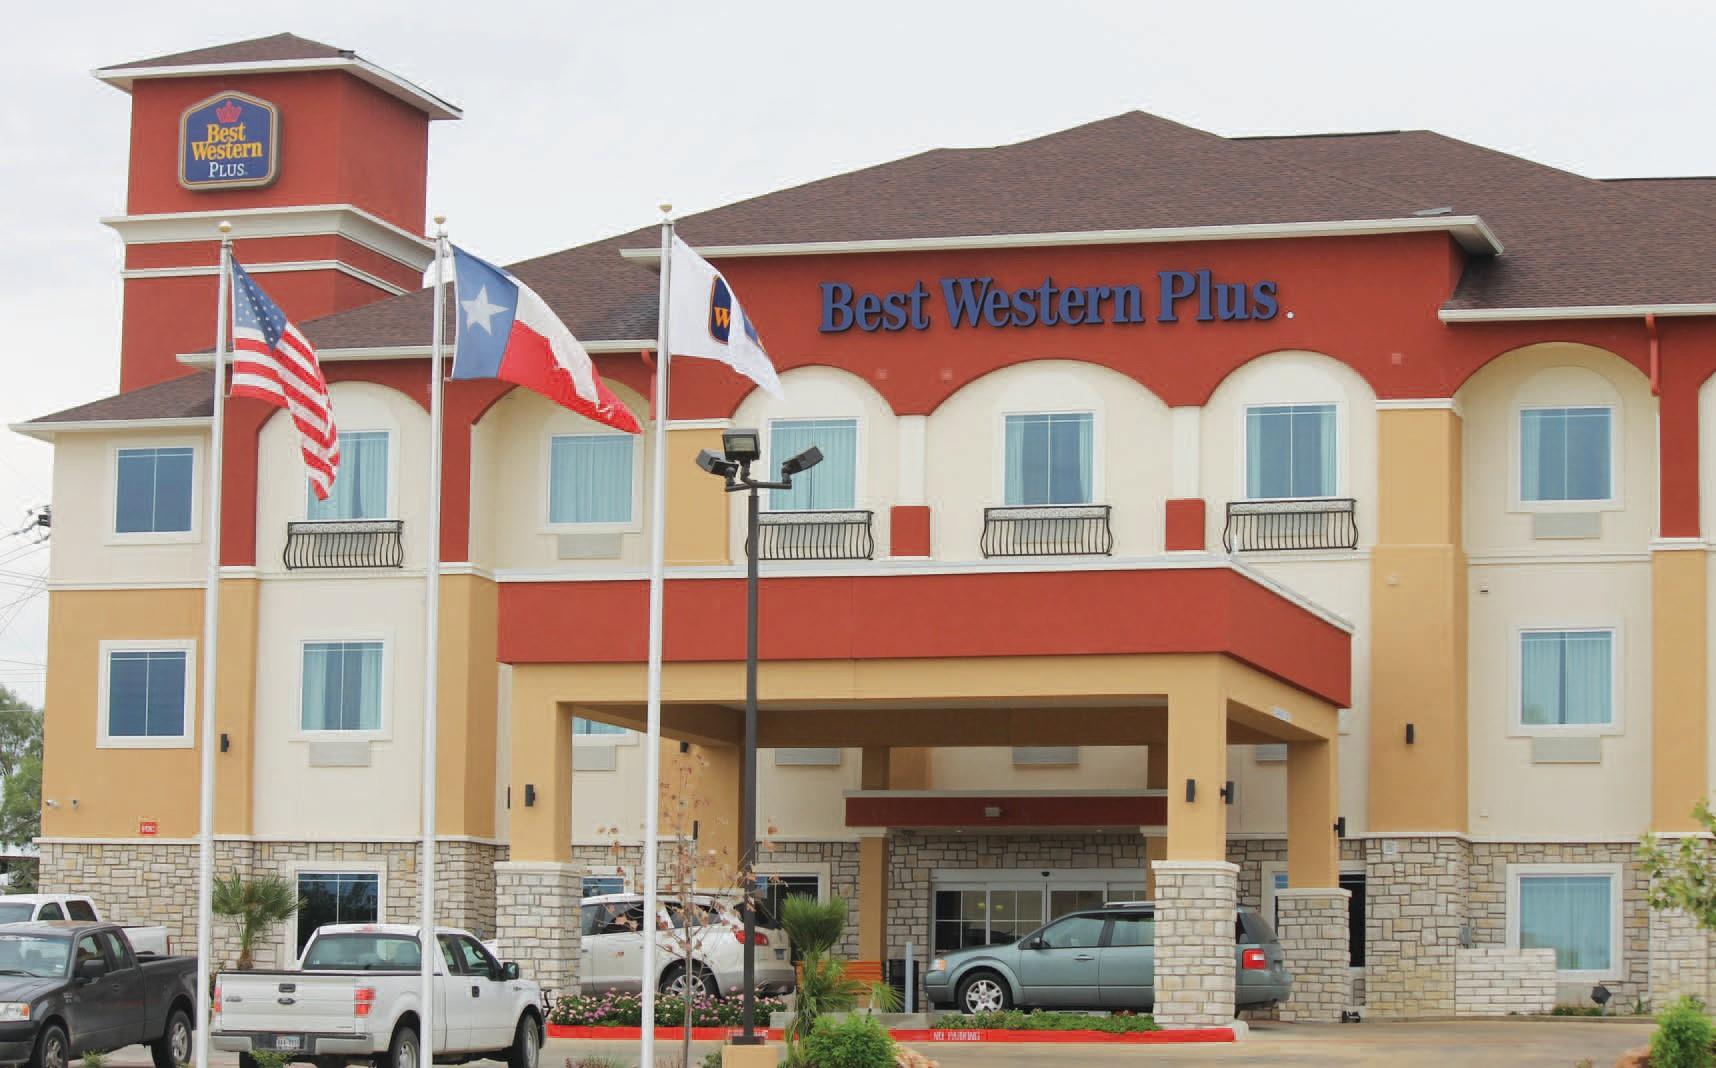 New 59 room Best Western Plus Hotel on Oaklawn.